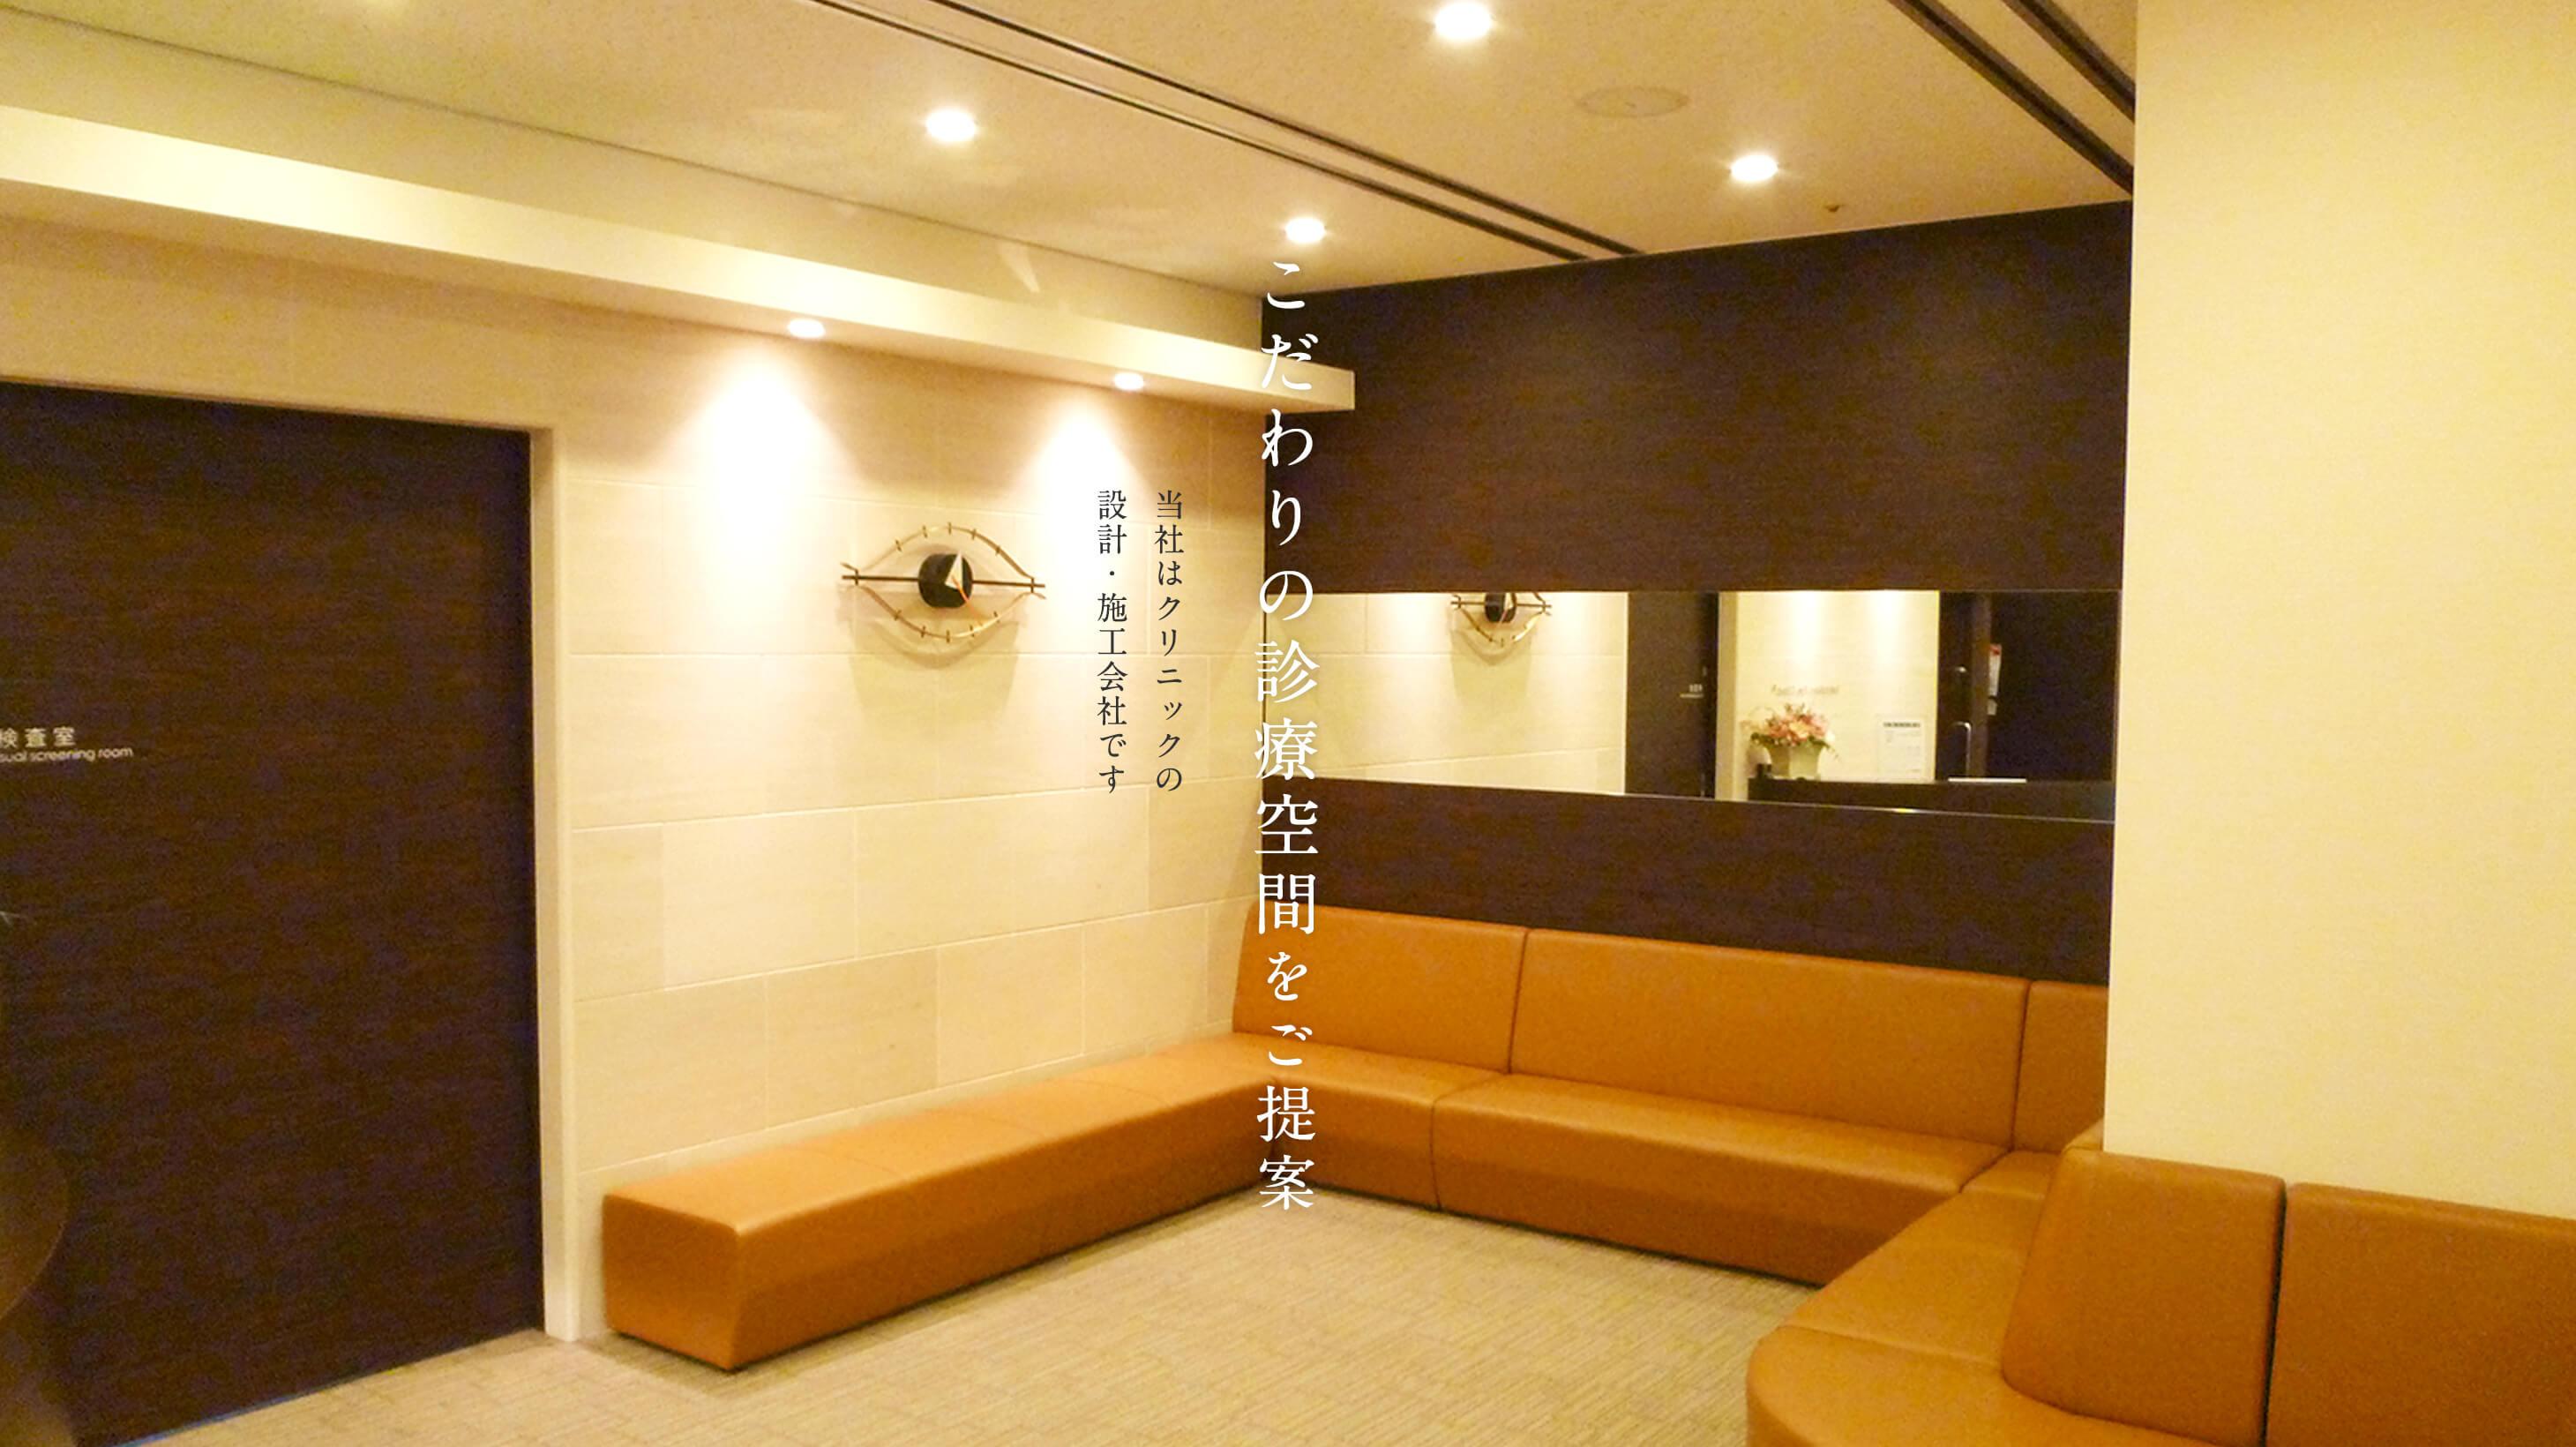 当社はクリニックの設計・施工会社です。こだわりの診療空間をご提案